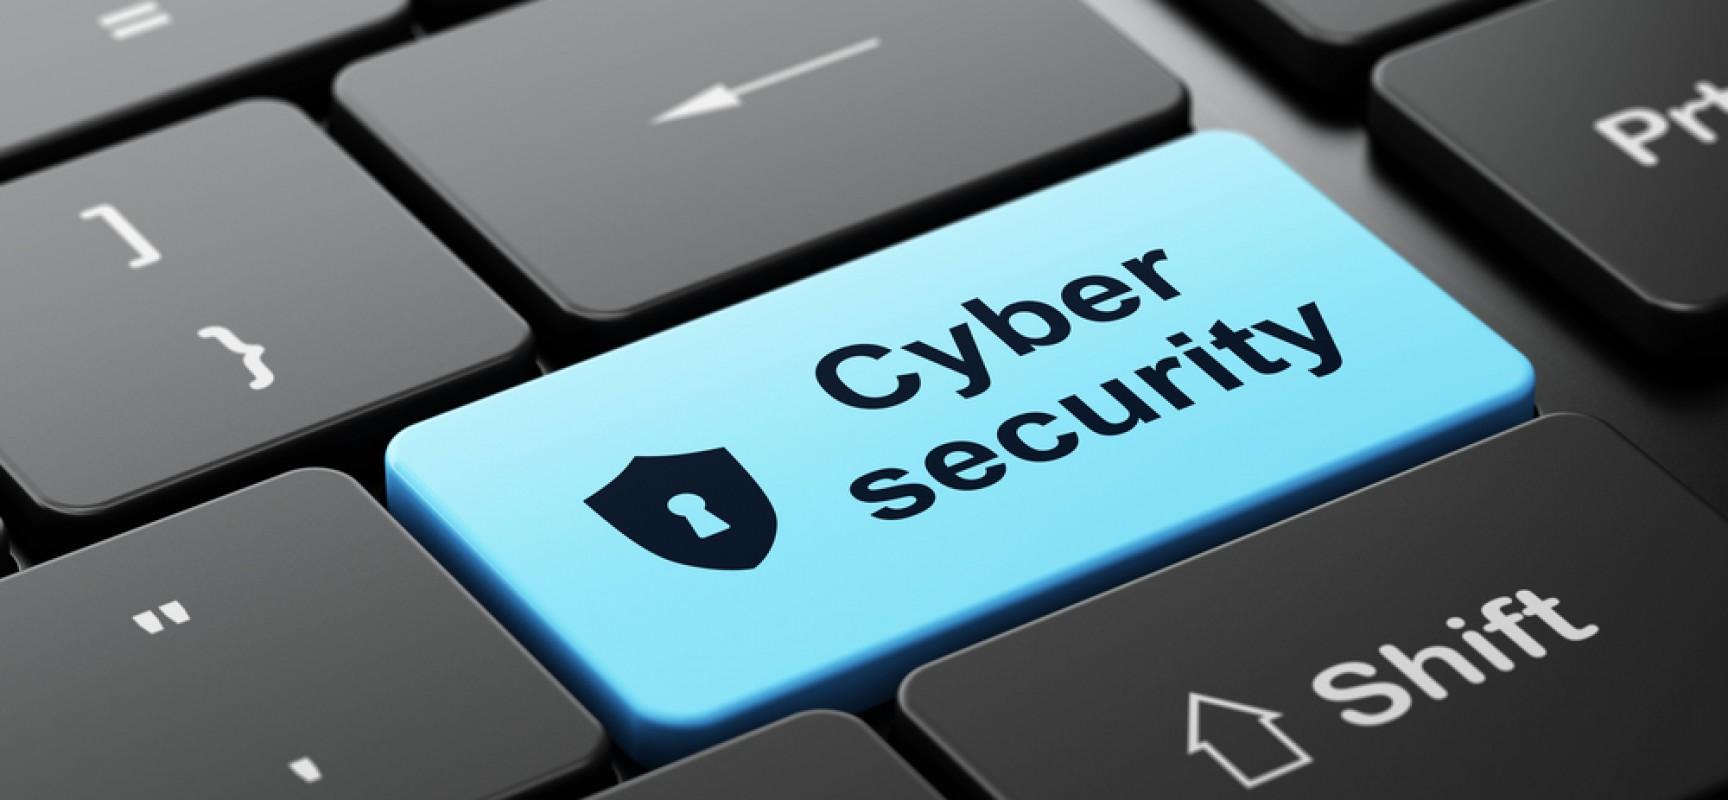 Billions lost worldwide to cybercrime in 2015